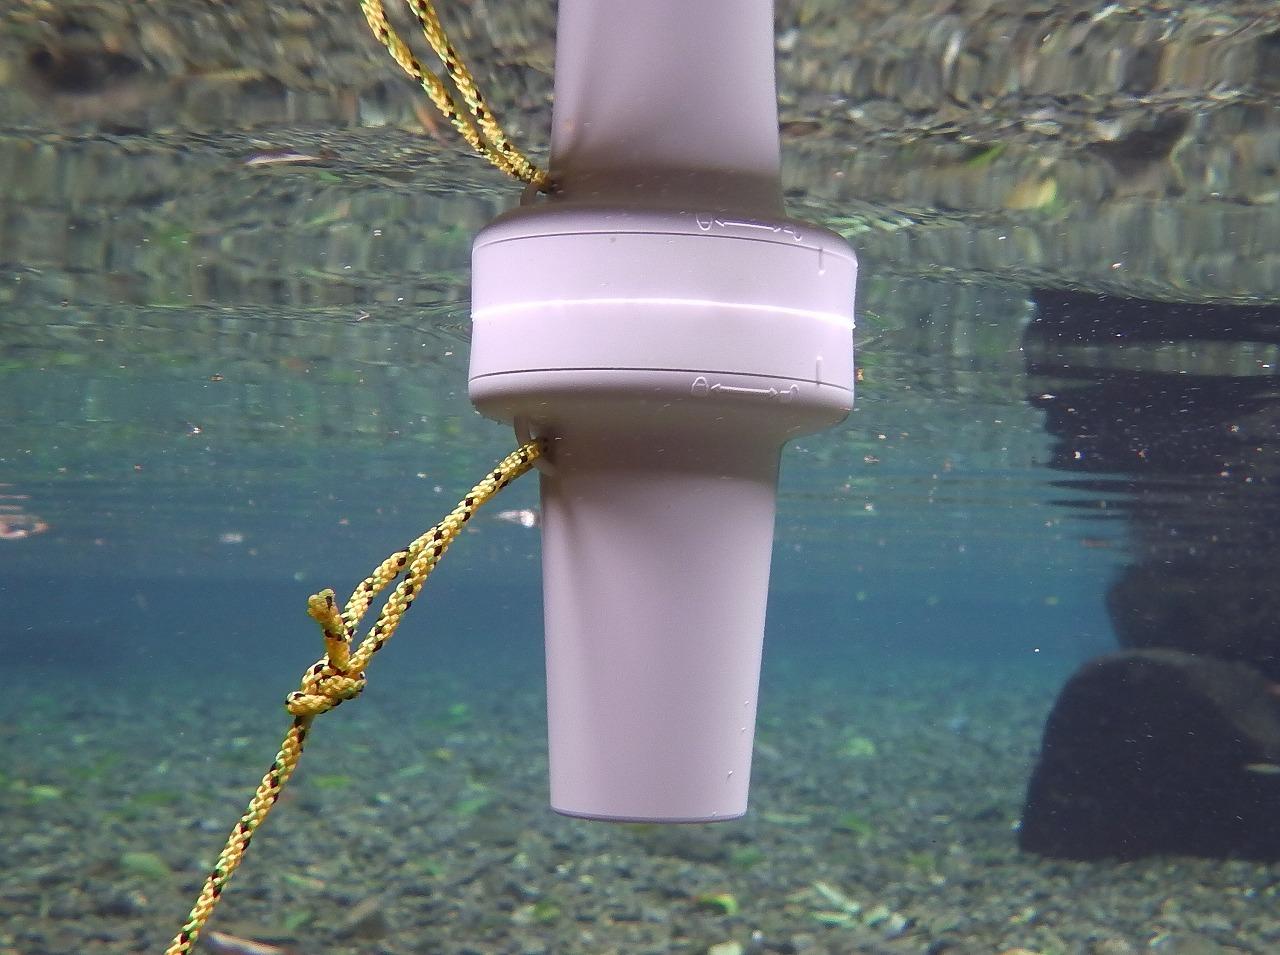 防水型無線水温計 SK-310BTキャンペーン